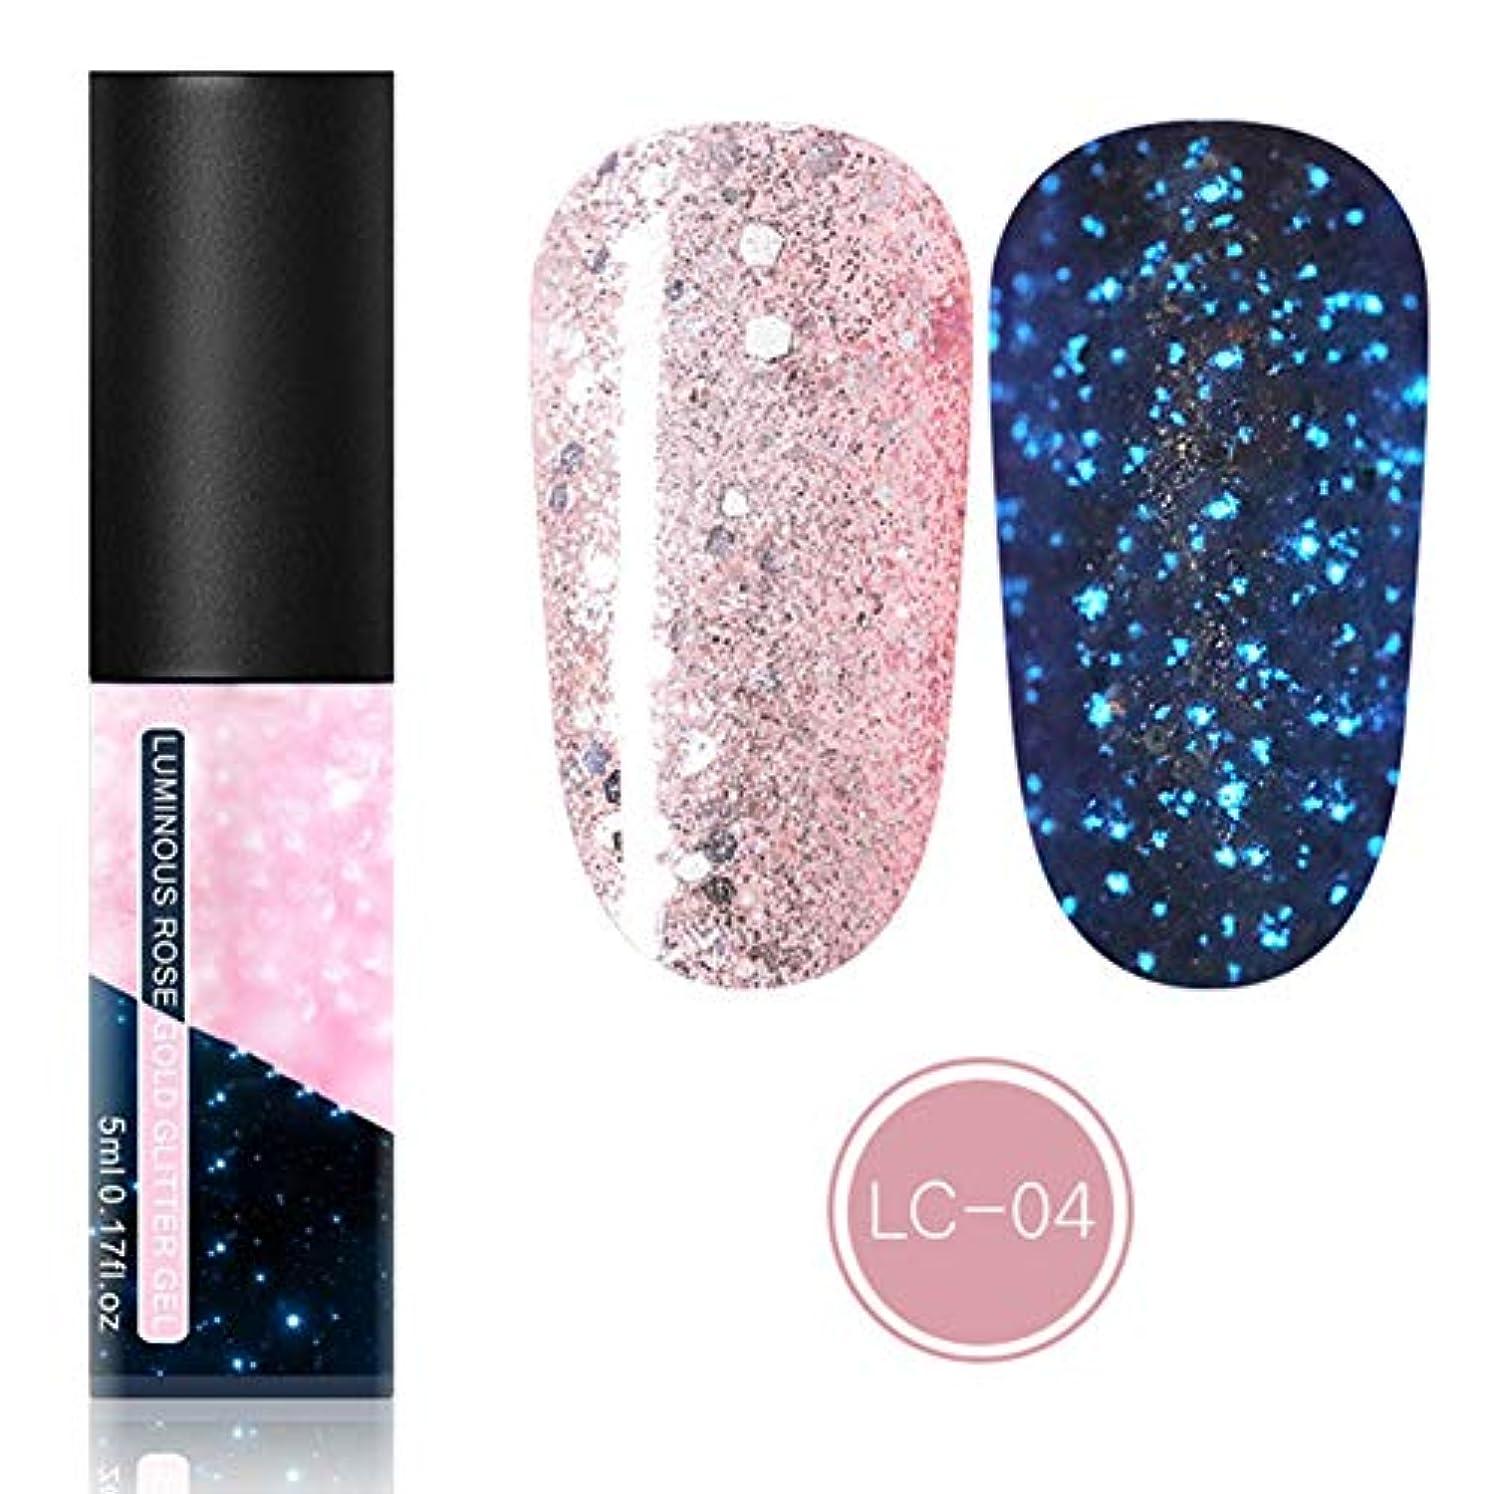 狂うピルファーオリエンタルfeelingood Gel Nail Polish,Fluorescent Gel Nail Polish Glow in Dark Nail Enamel Varnish Gel Manicure Supply